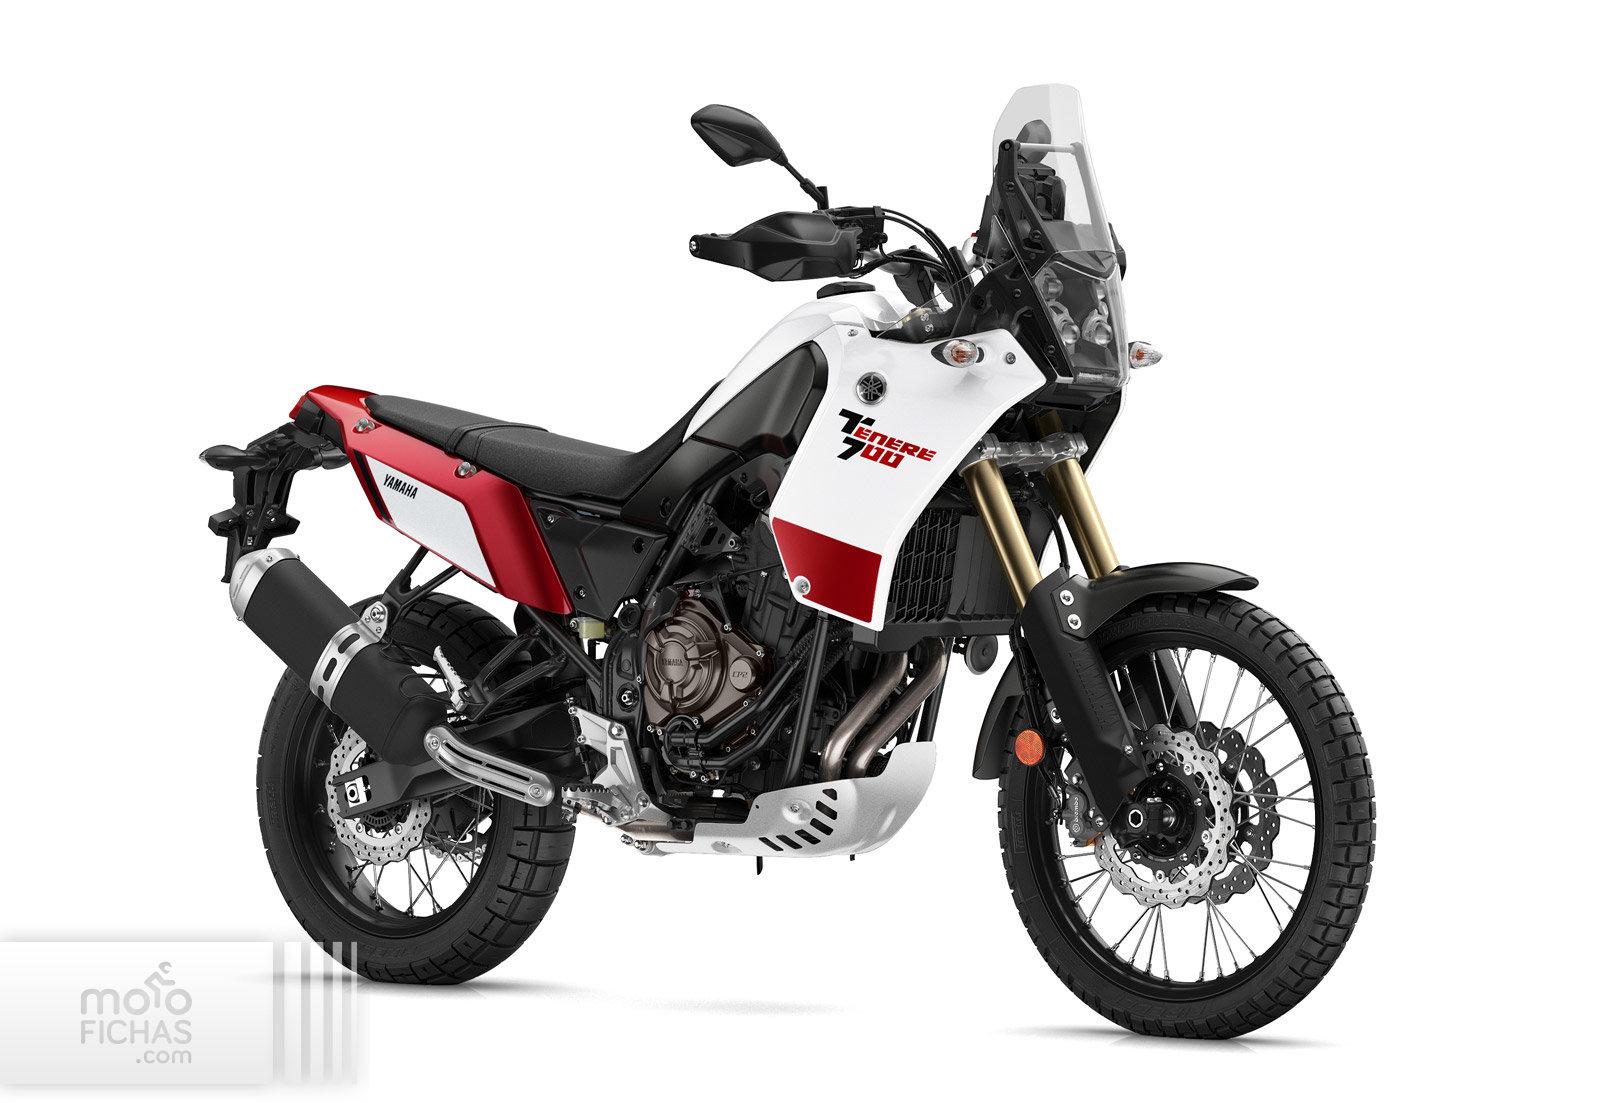 Yamaha Tenere 700 2019 Precio Ficha Opiniones Y Ofertas